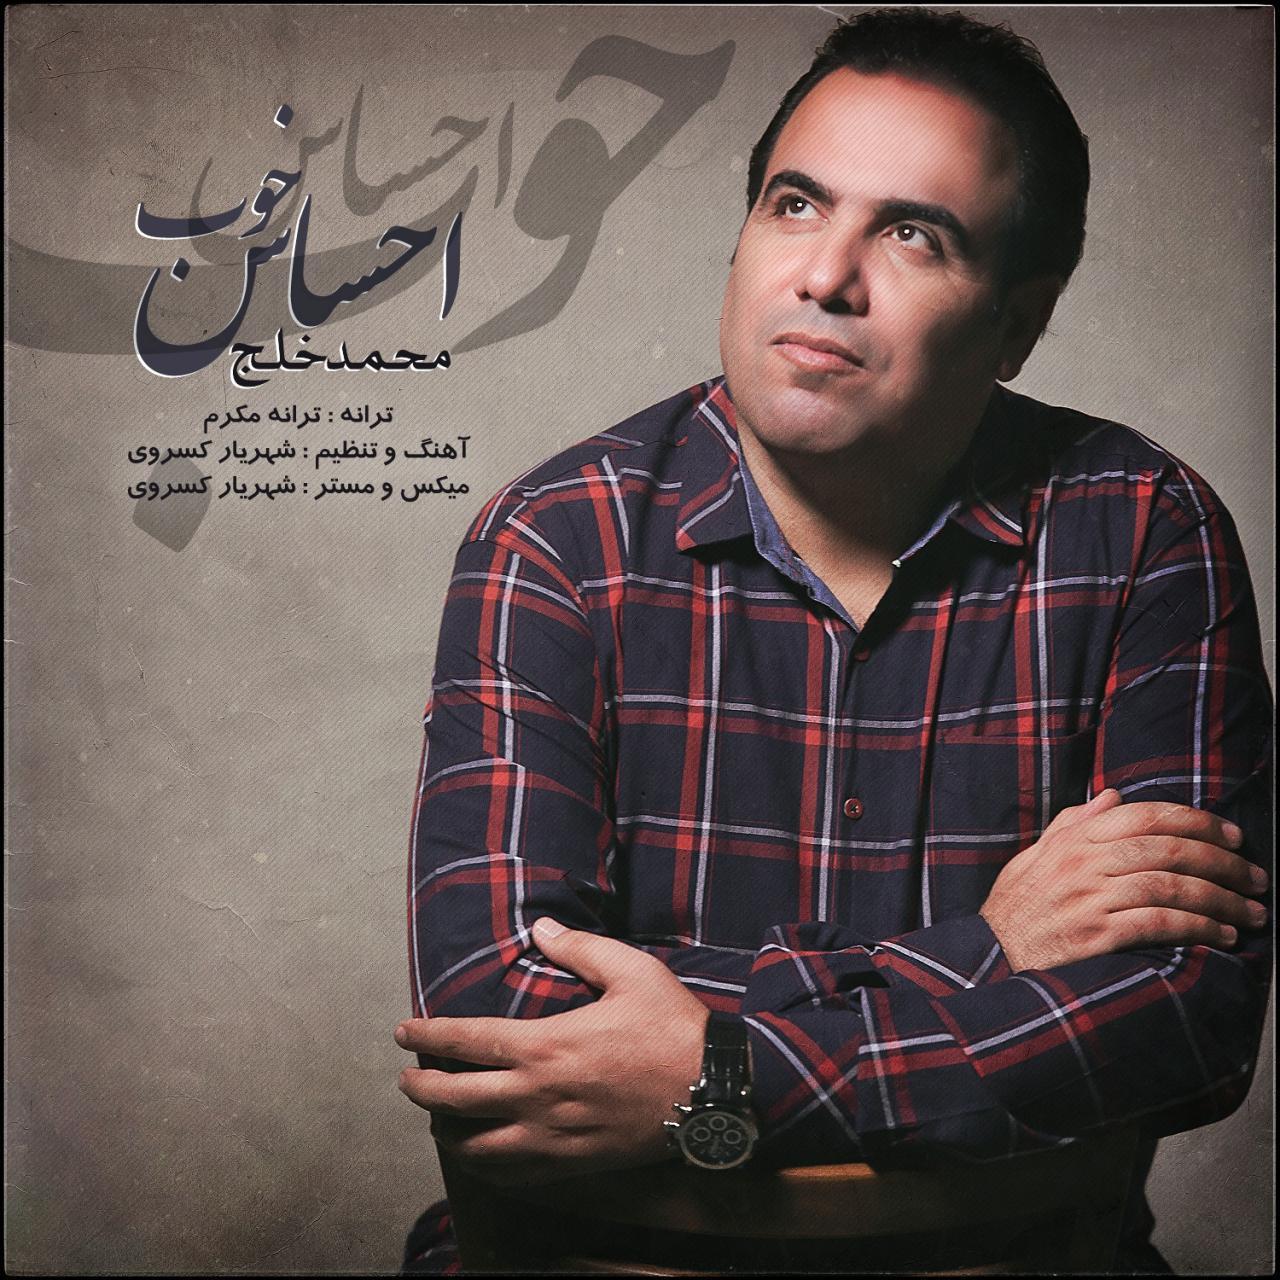 محمد خلج به نام احساس خوب